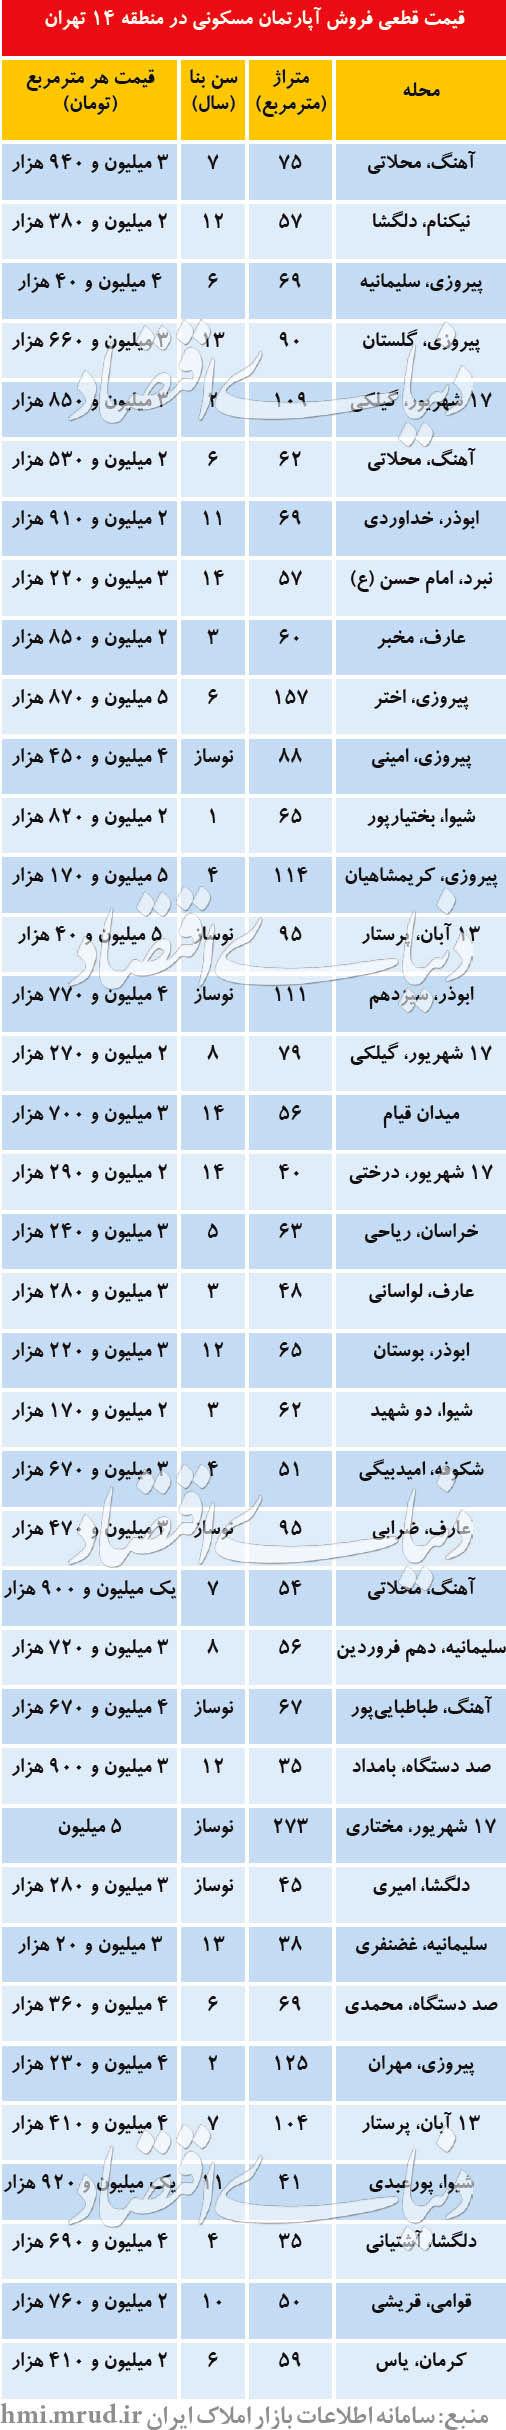 قیمت آپارتمان در چهارمین منطقه پرمعامله تهران